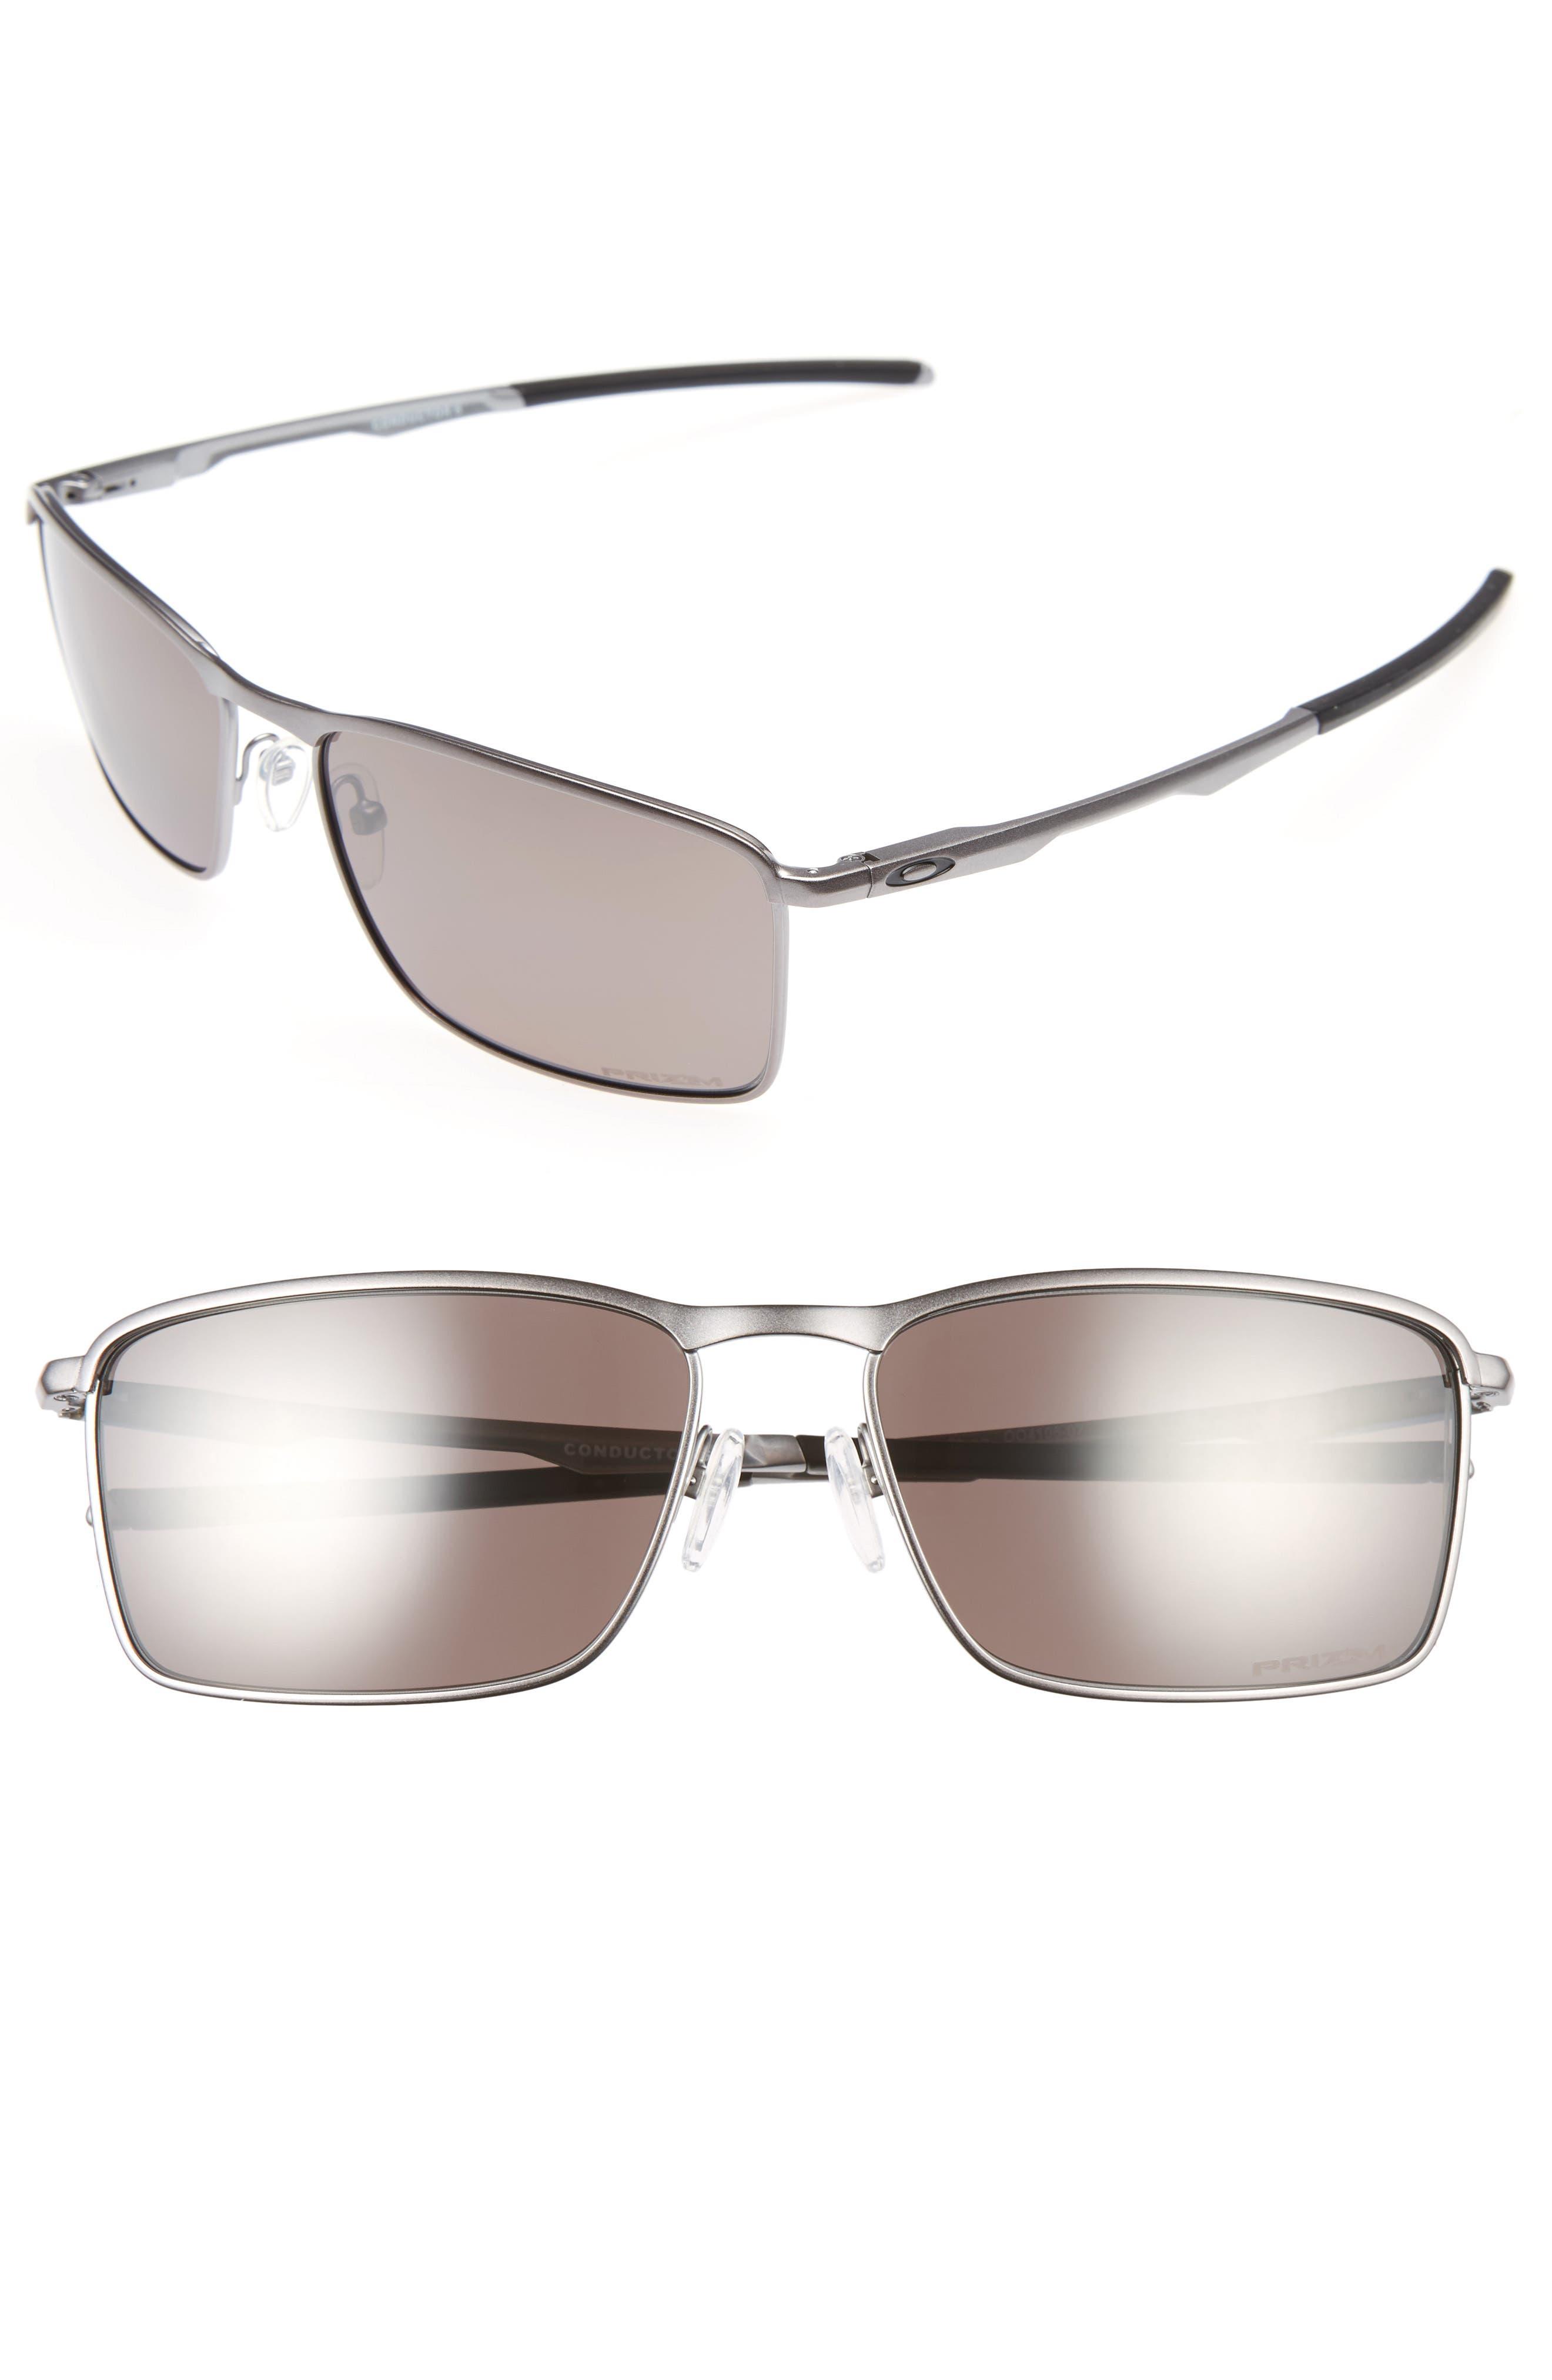 Oakley Conductor 6 58mm Polarized Sunglasses